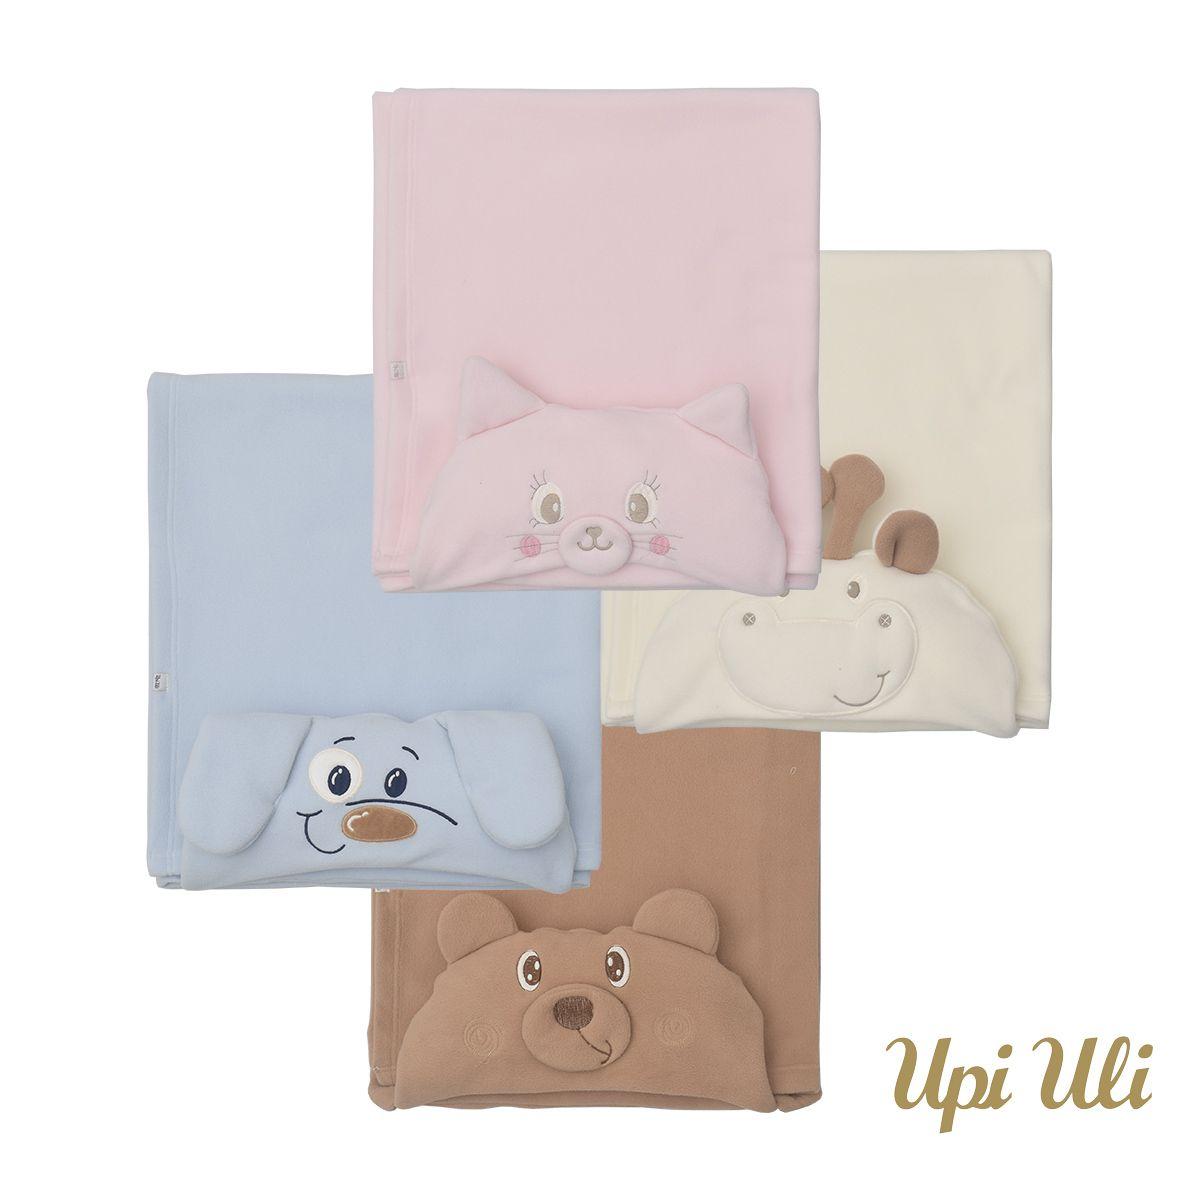 Cobertor de bebê Microsoft Divertido O/I